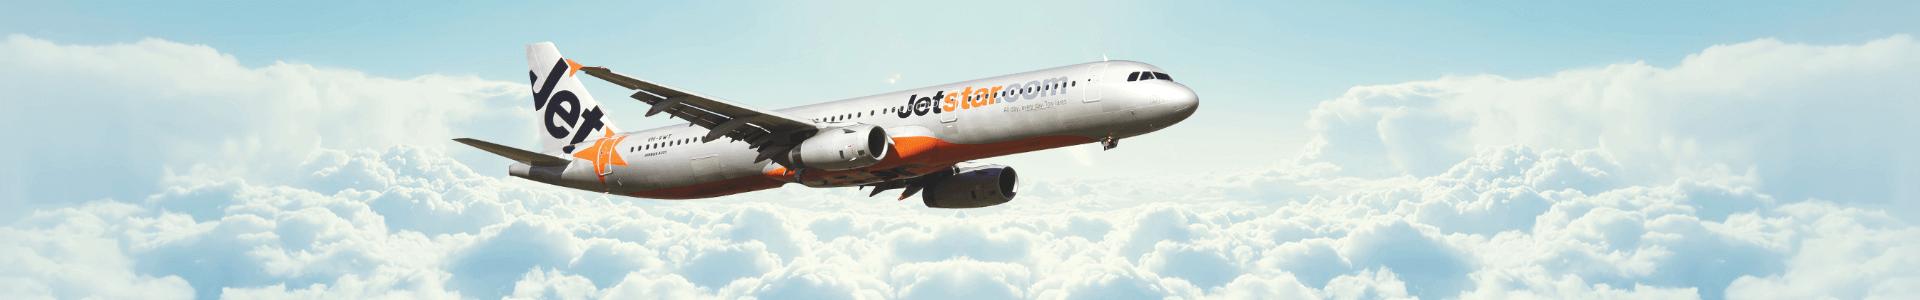 Jetstar Asia Jadwal Penerbangan Pemesanan Online Dengan Harga